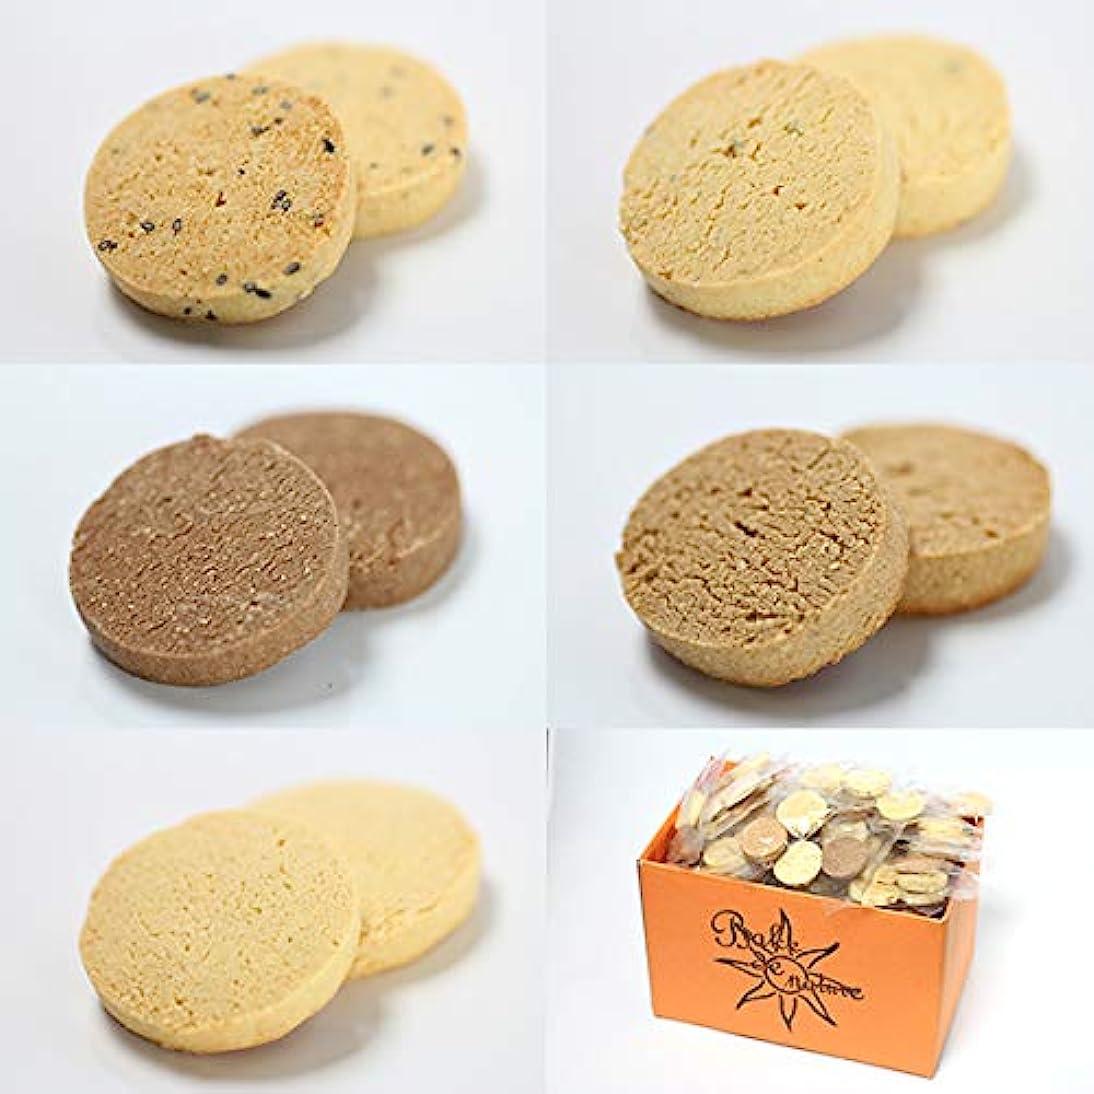 トラクタートランペット血統新感覚!大人気5種類!Triple Free 豆乳おからクッキー 1kg(個包装)小麦粉不使用のダイエットクッキー